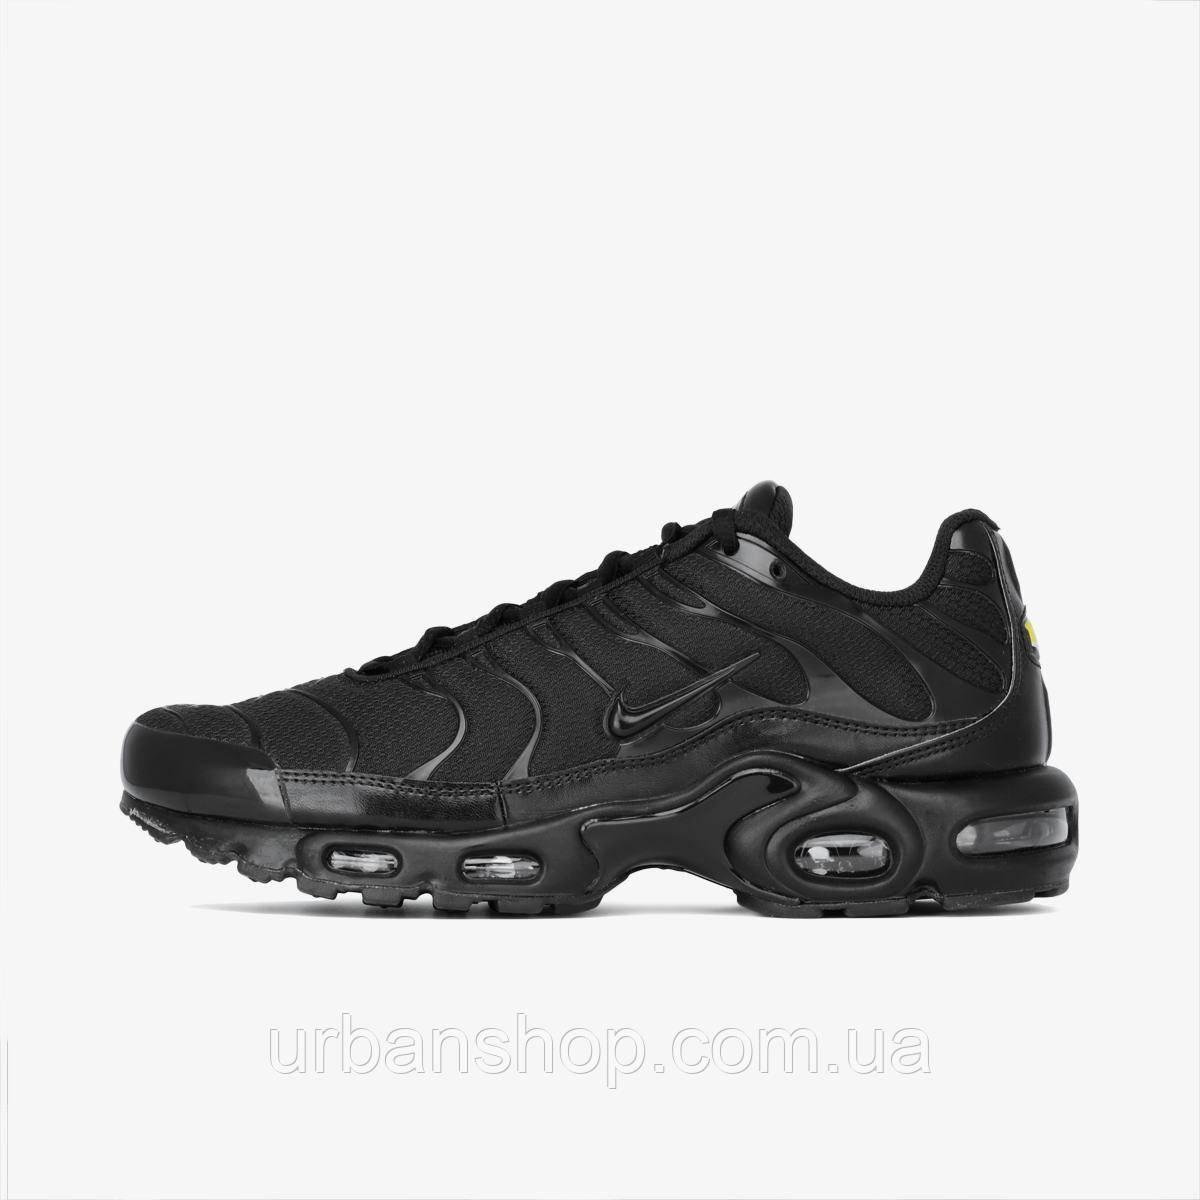 Кросівки Nike Air Max Plus Triple Black 60 33-050